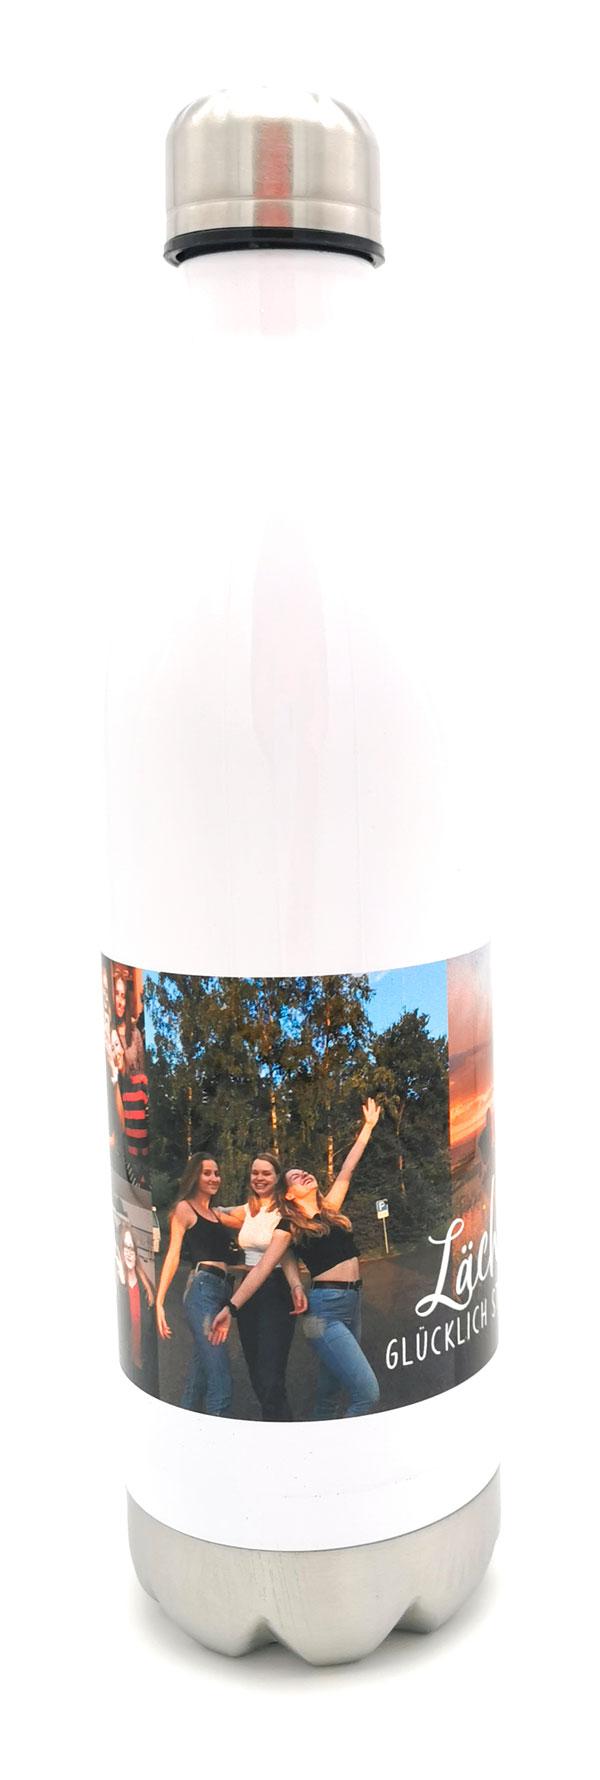 thermoflasche-druckwunder-fotodruck-druckprodukte-fotogeschenk-shop-kirchheim